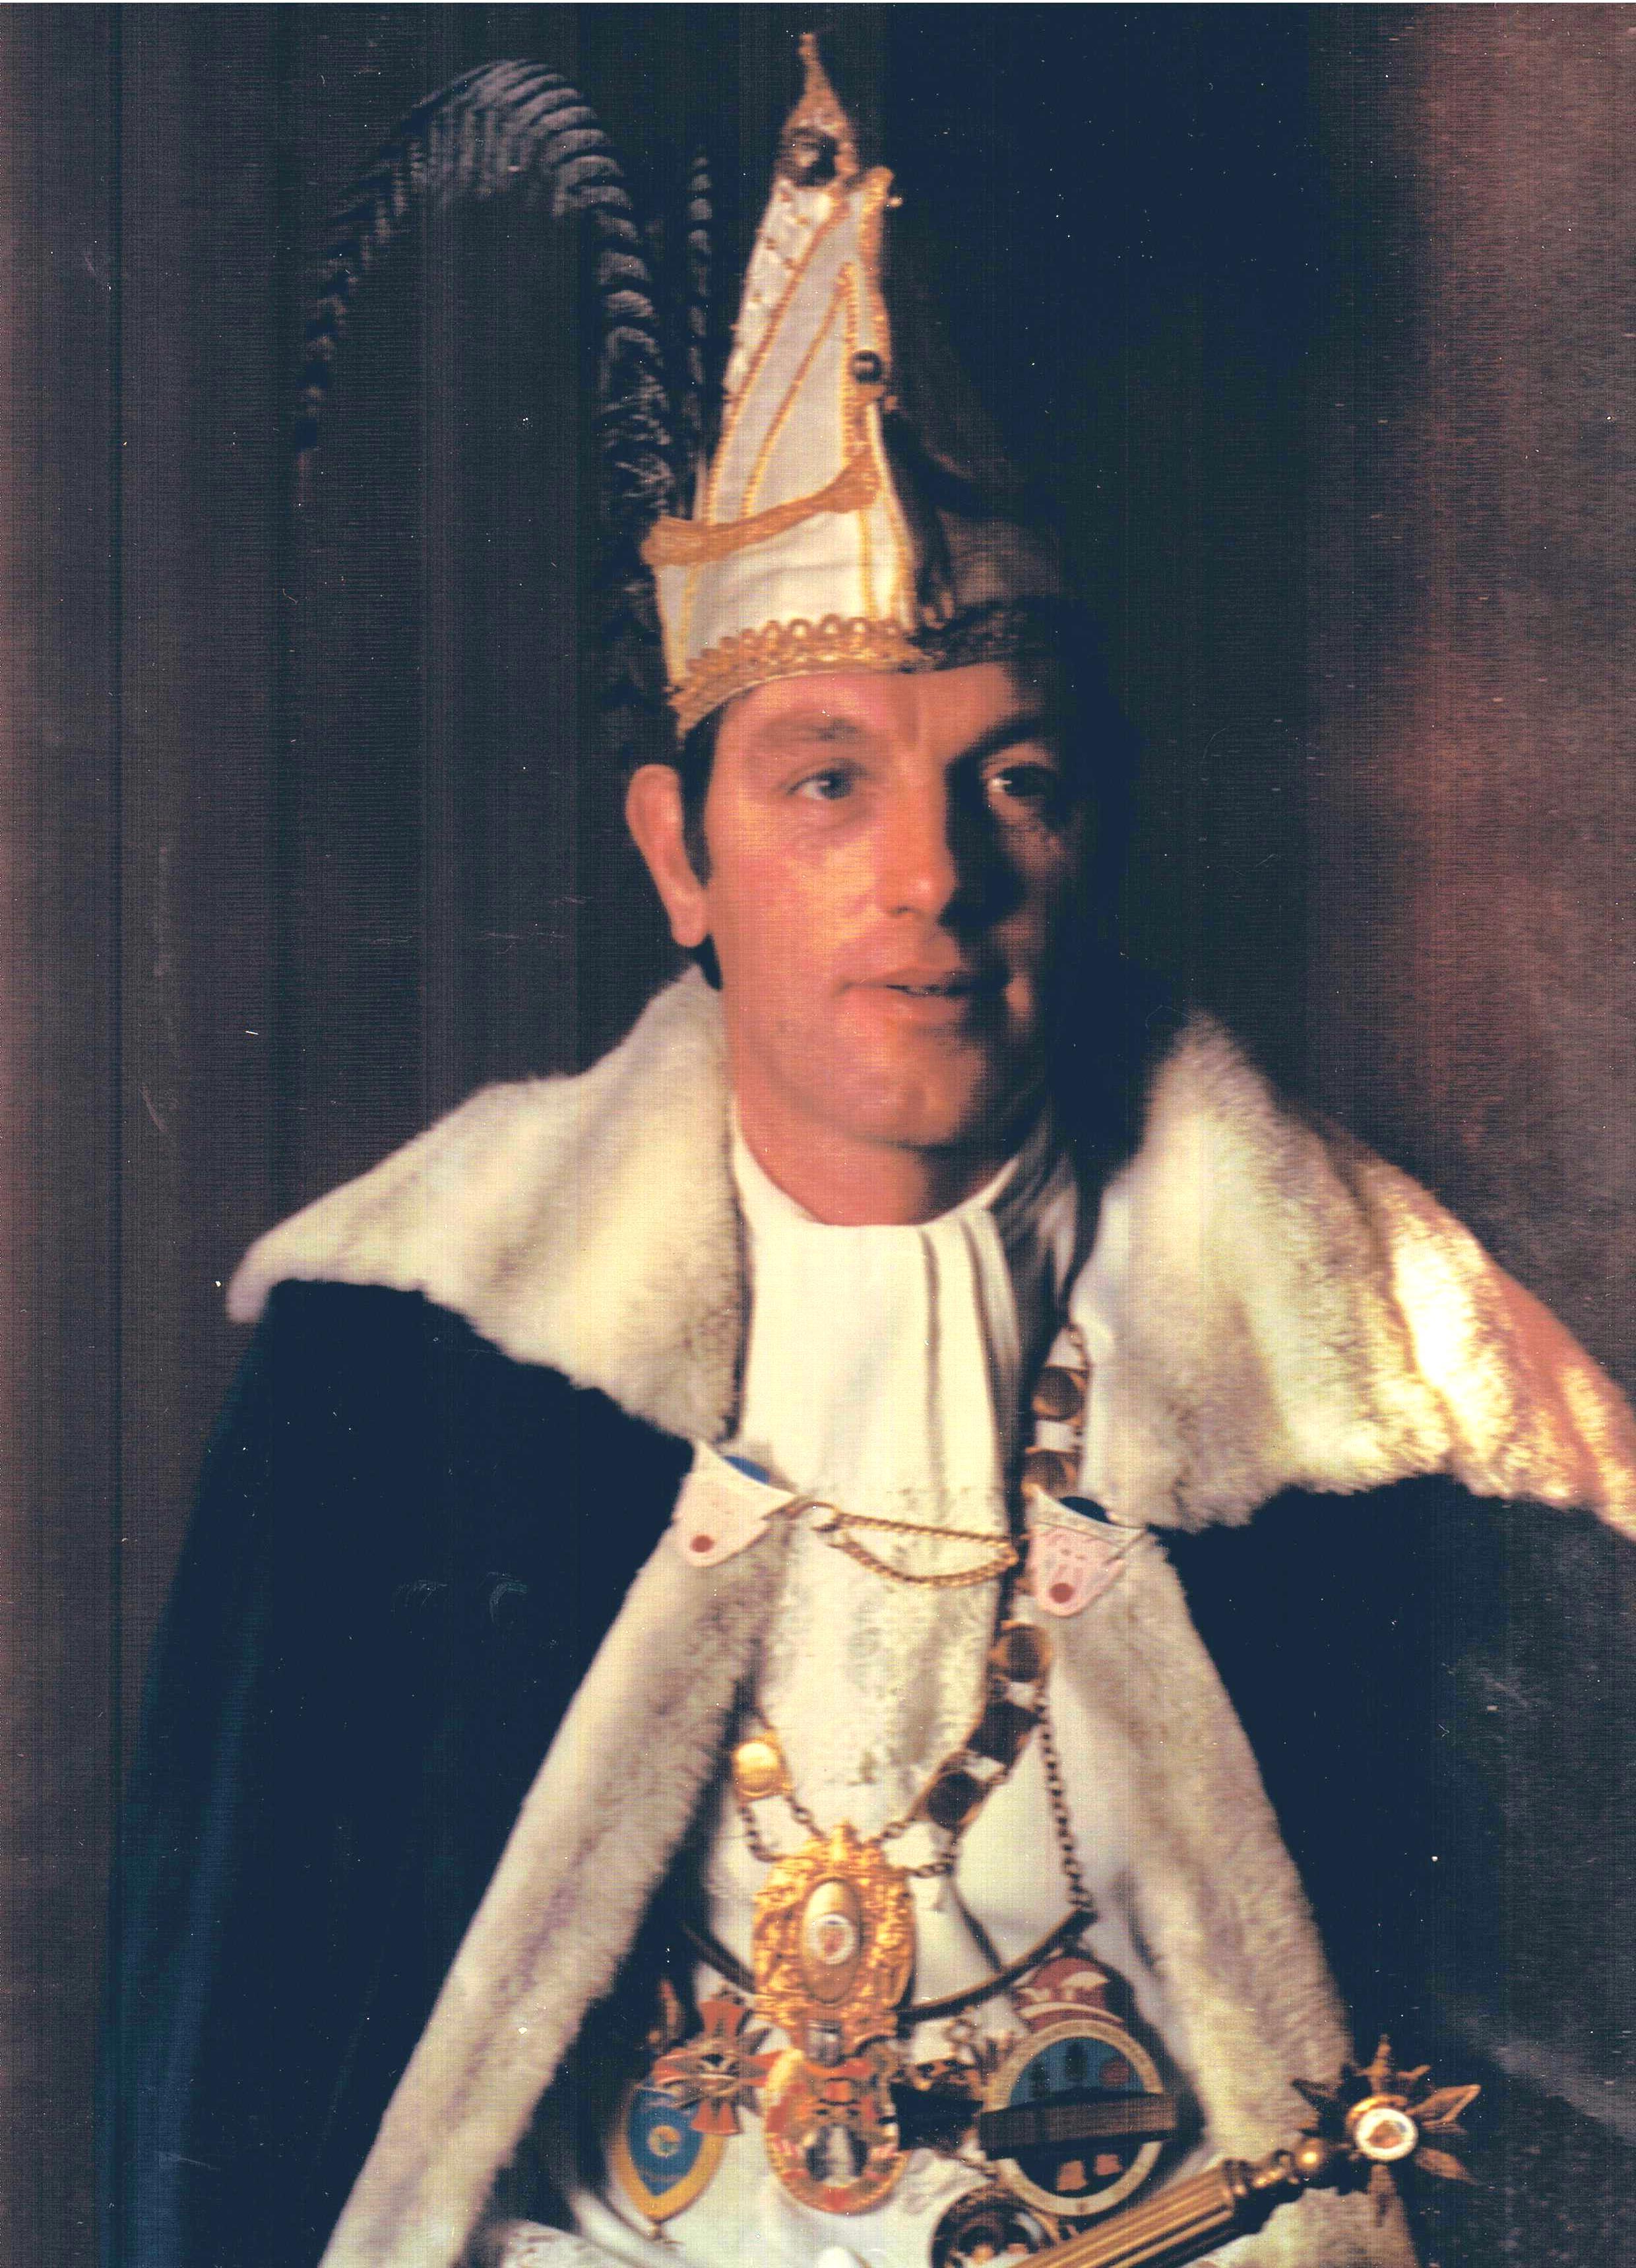 1976 1977 Prins Chistianus de 1e Chris Rust